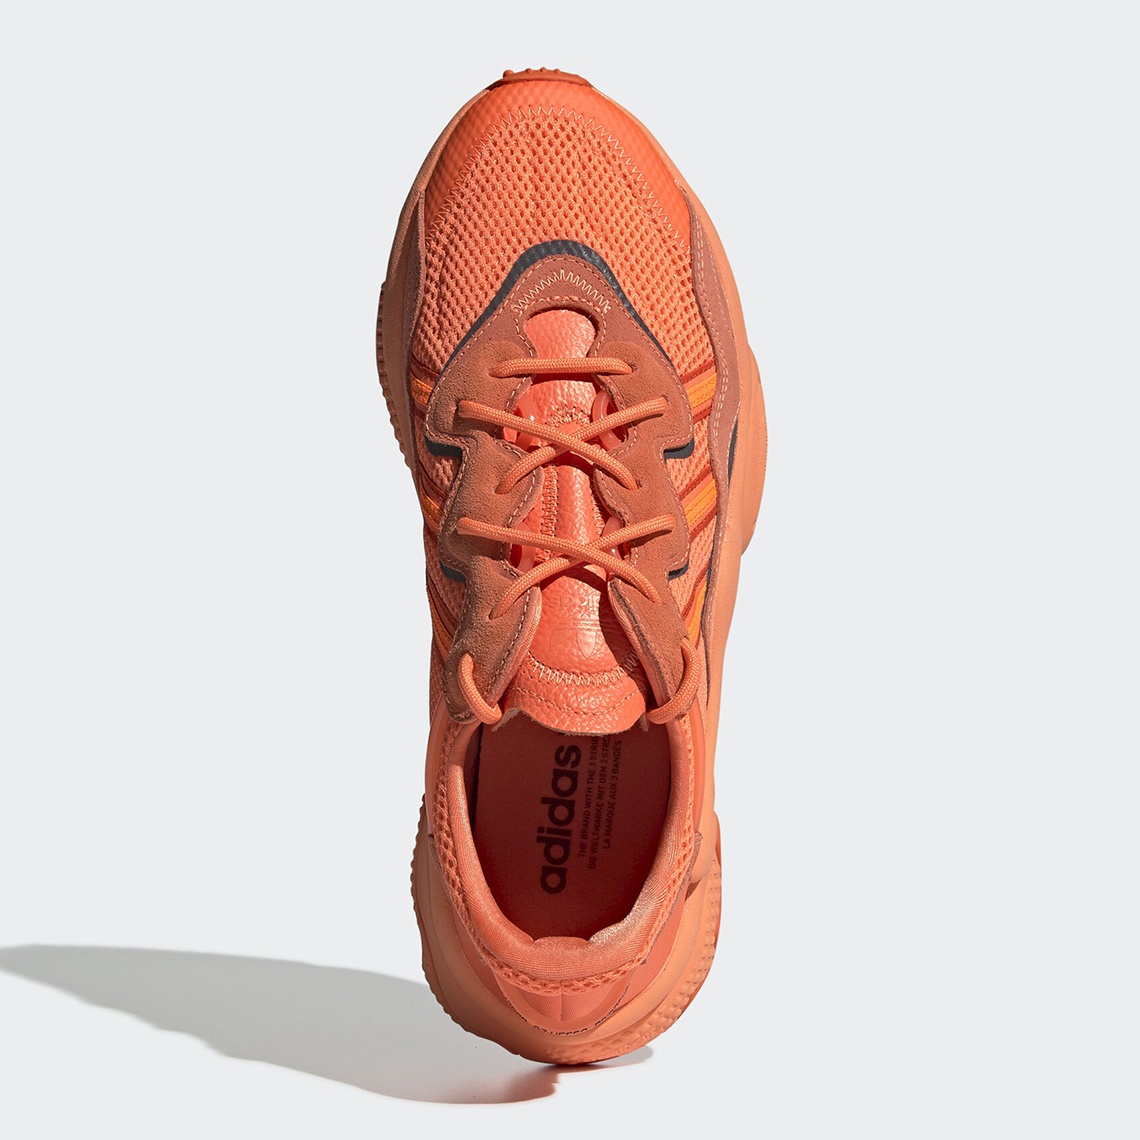 adidas Ozweego Orange EE6465 Release Info    adidas Ozweego Orange EE6465 Releaseinformation   title=